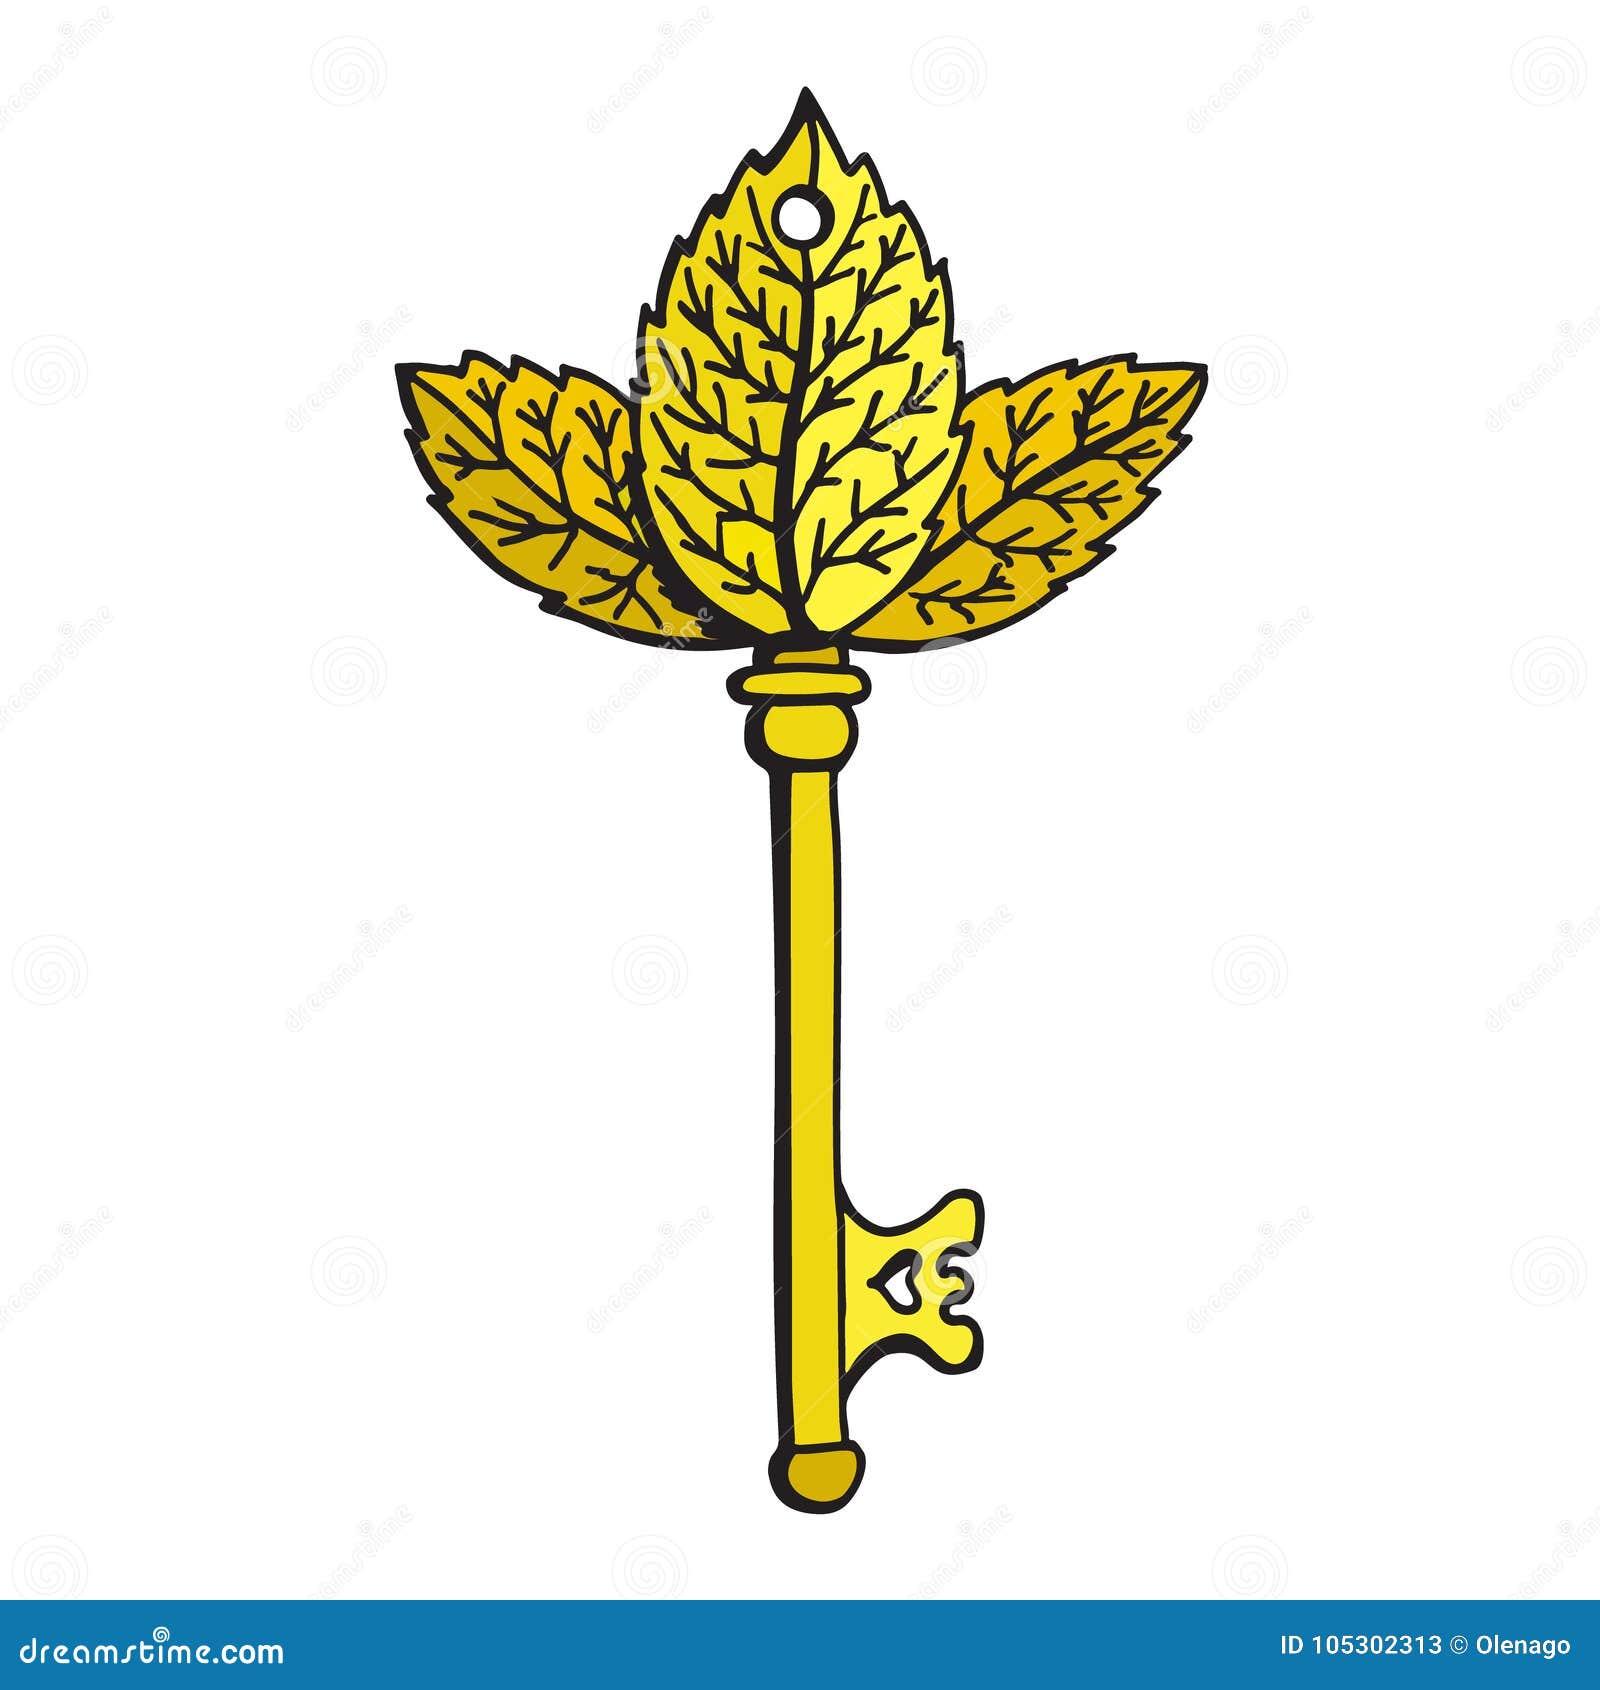 Vector Key Illustration: Golden Key Illustration Stock Vector. Illustration Of